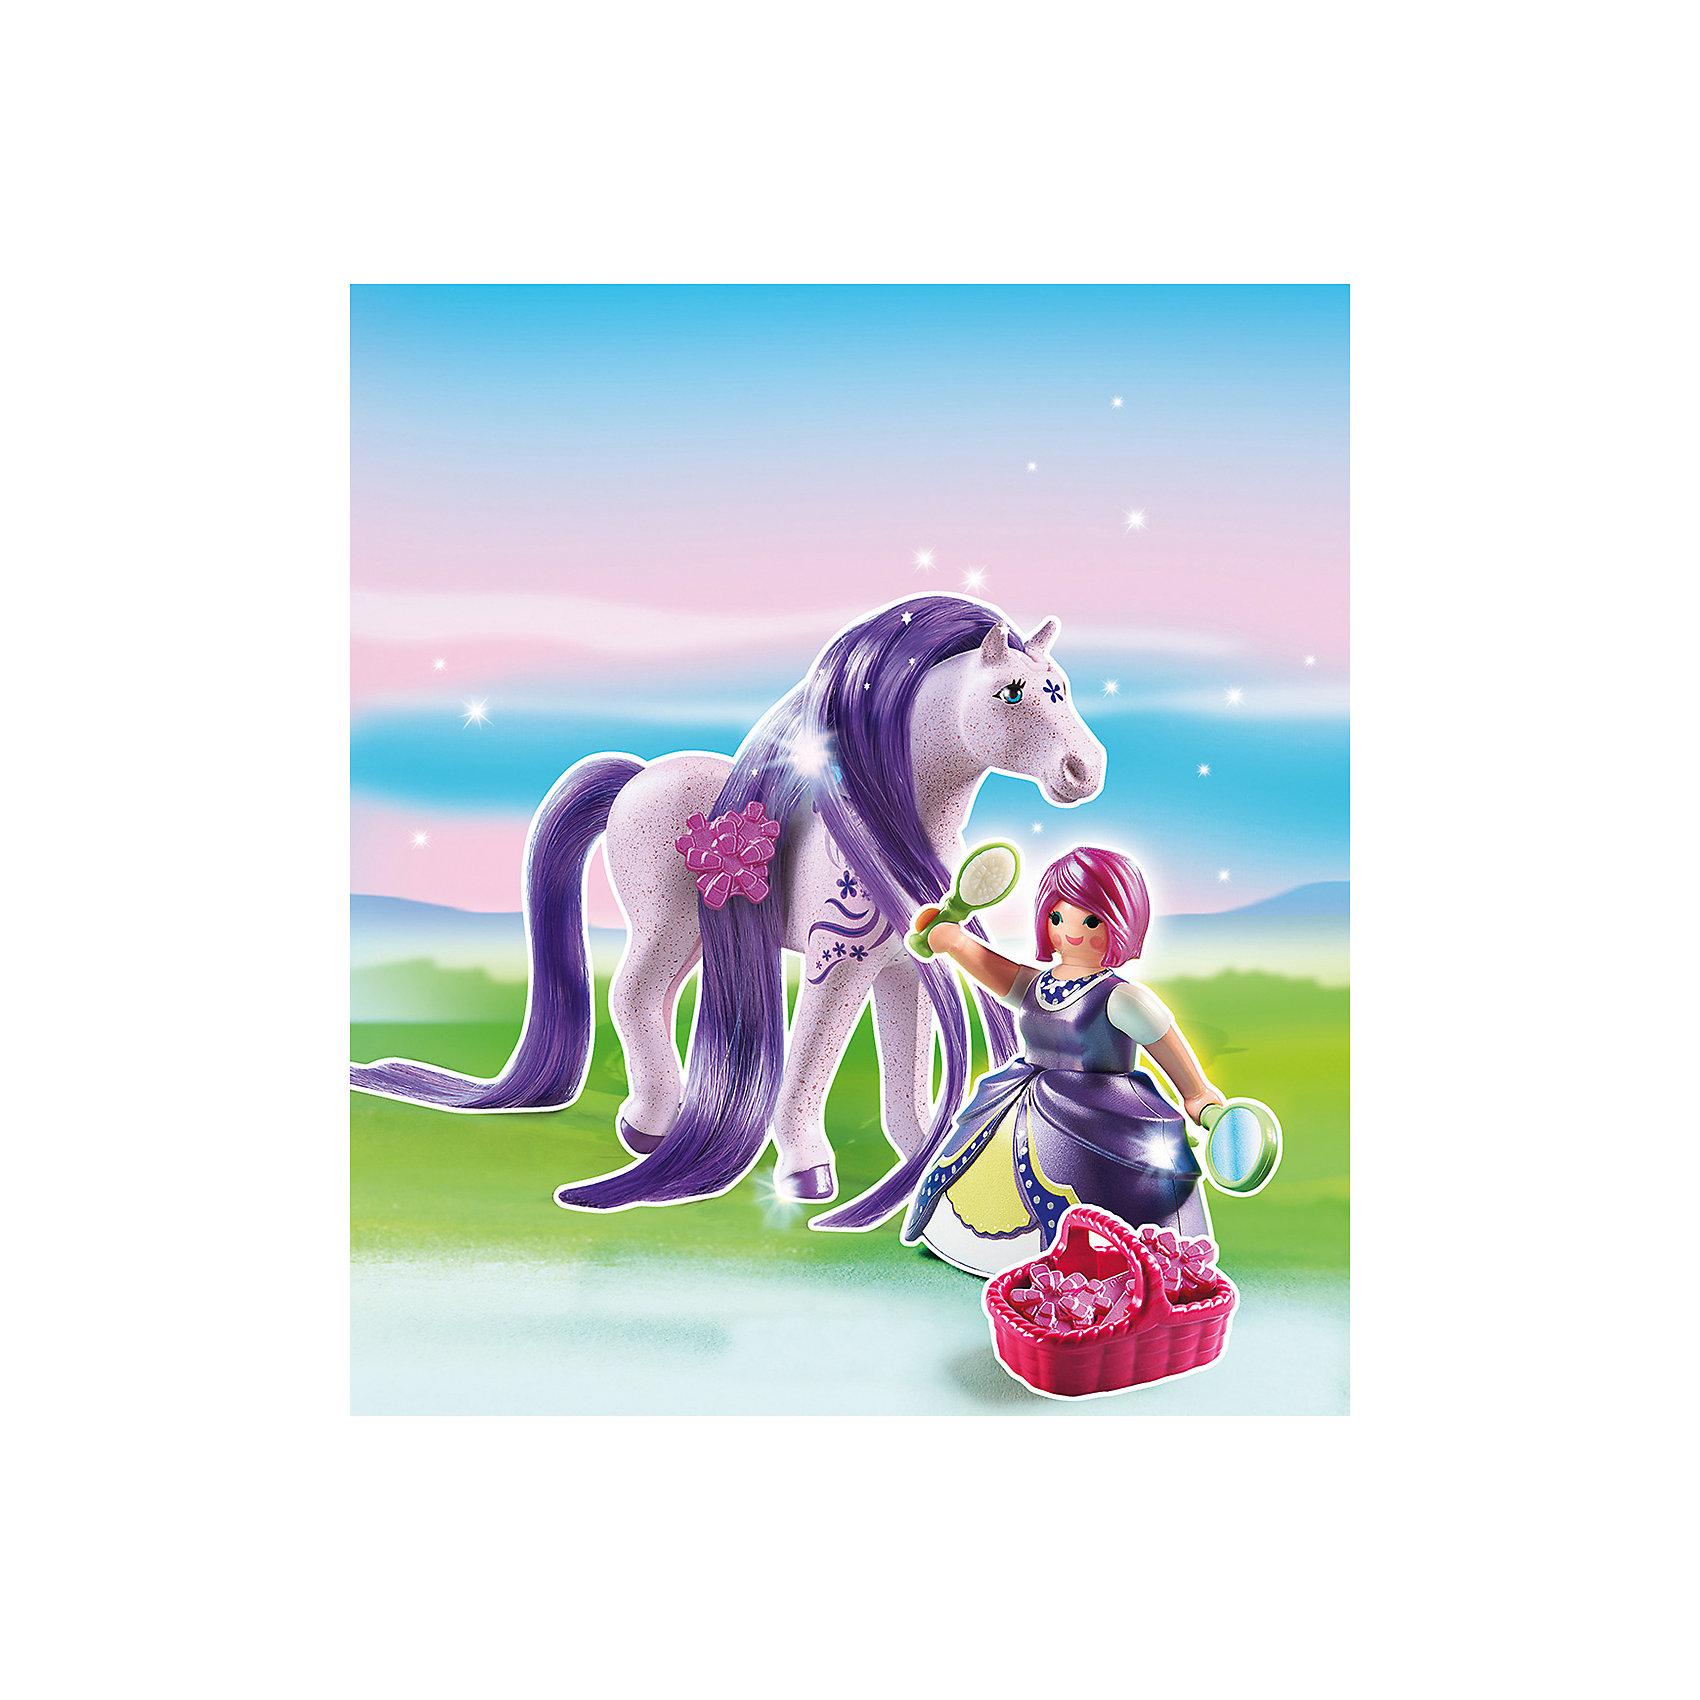 PLAYMOBIL® Принцессы: Принцесса Виола с Лошадкой, PLAYMOBIL playmobil мальчики с гоночным мотоциклом